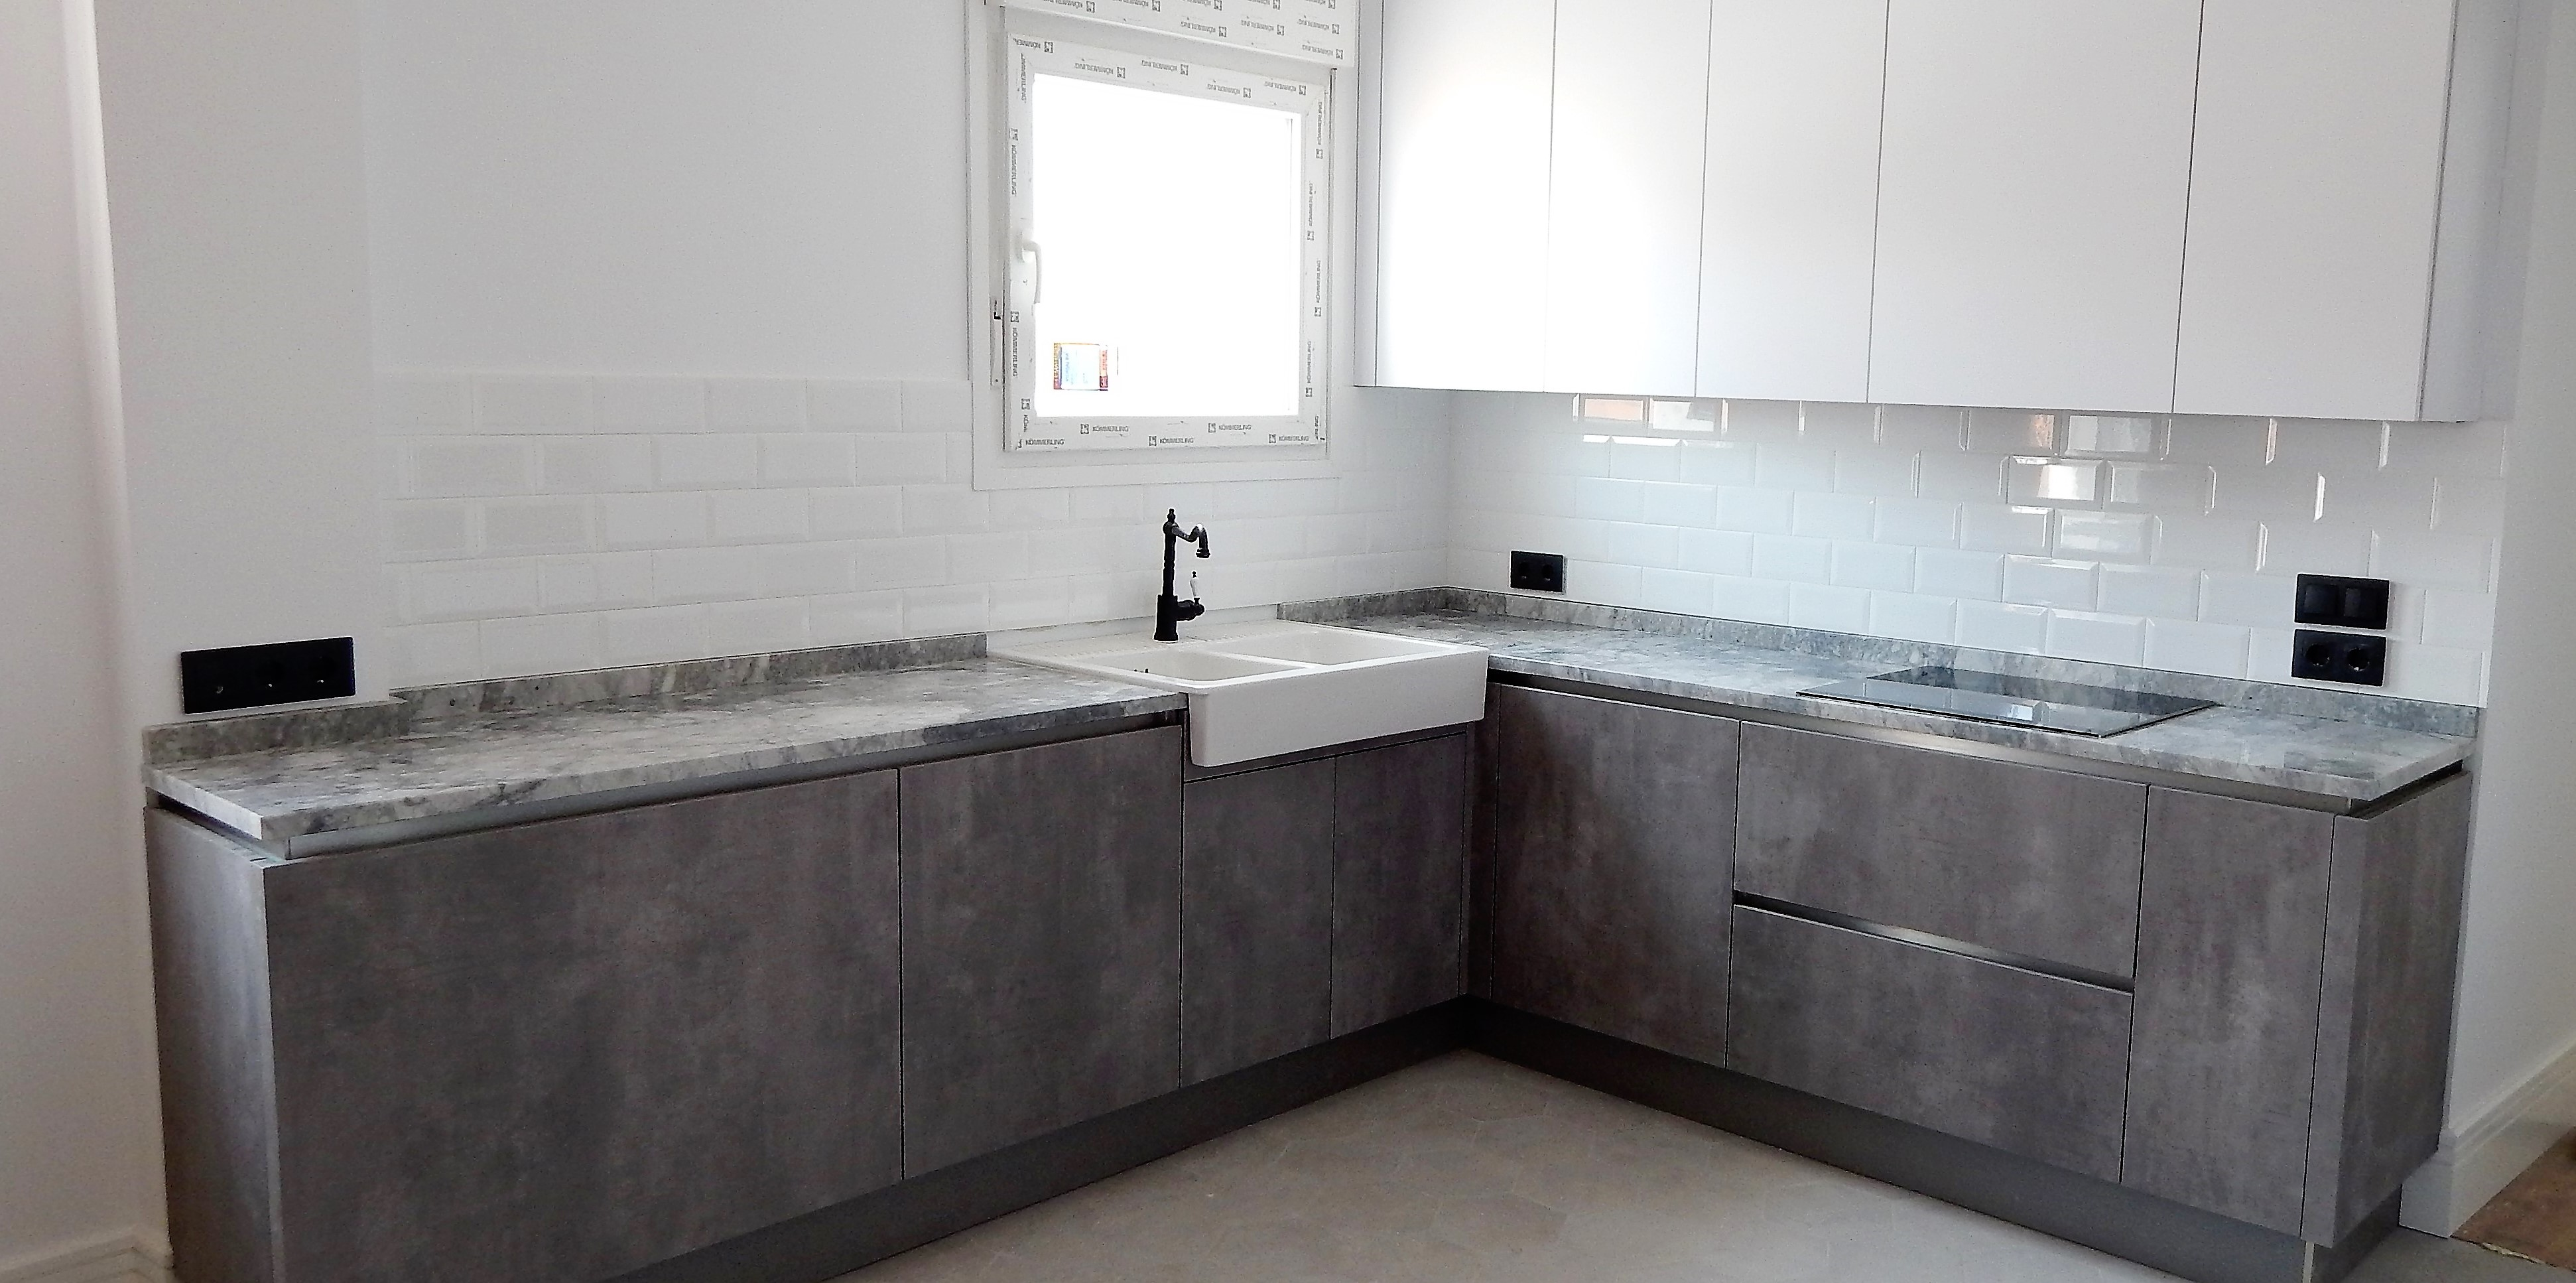 Muebles de cocina blanco y hormigón gris perla - cocinasalemanas.com